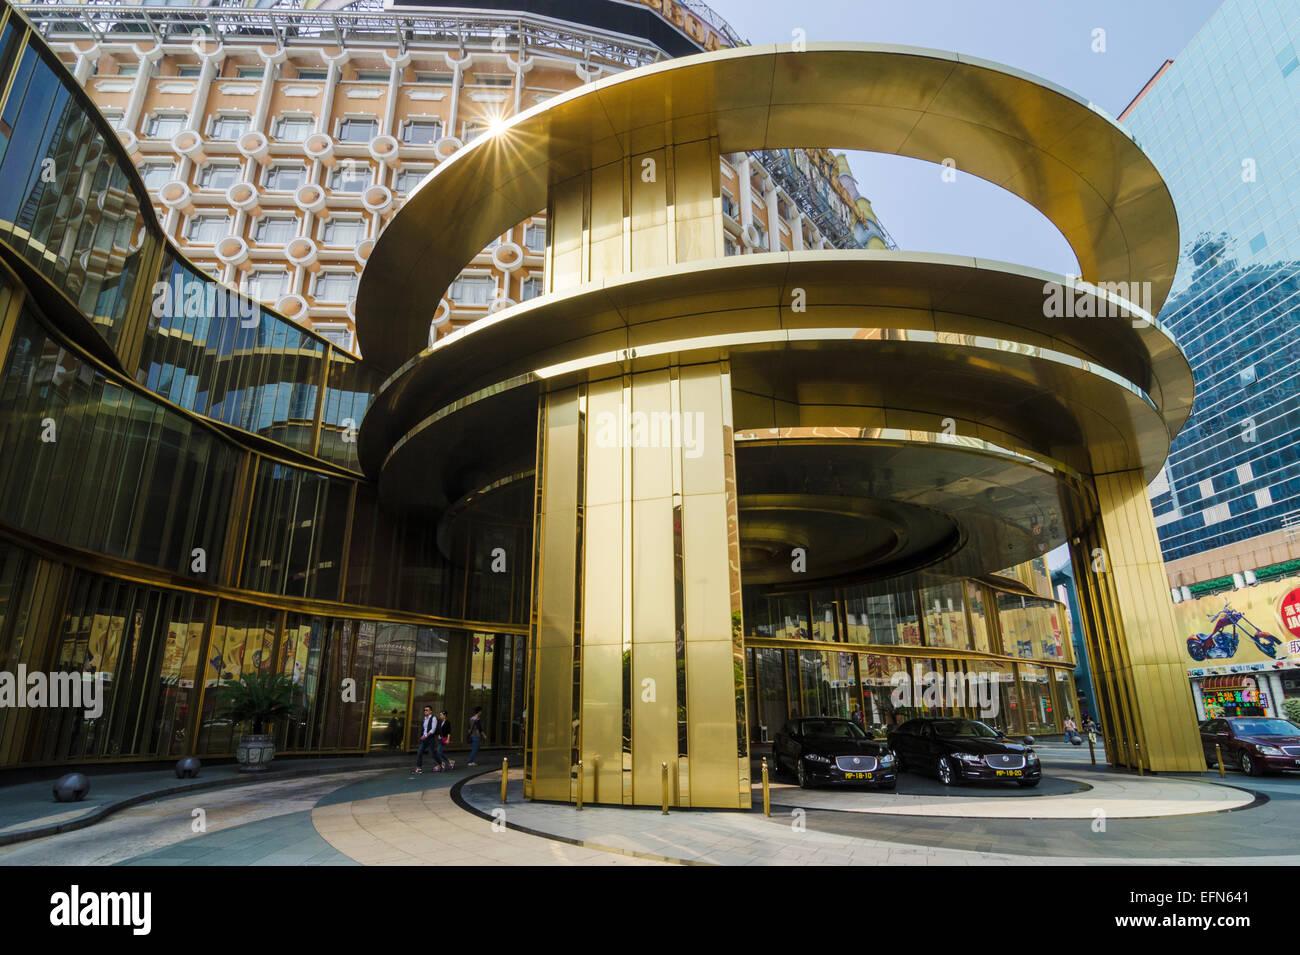 Hotel di lusso auto parcheggiate fuori l'oro entrata all'Hotel Lisboa, Macau, Cina Immagini Stock